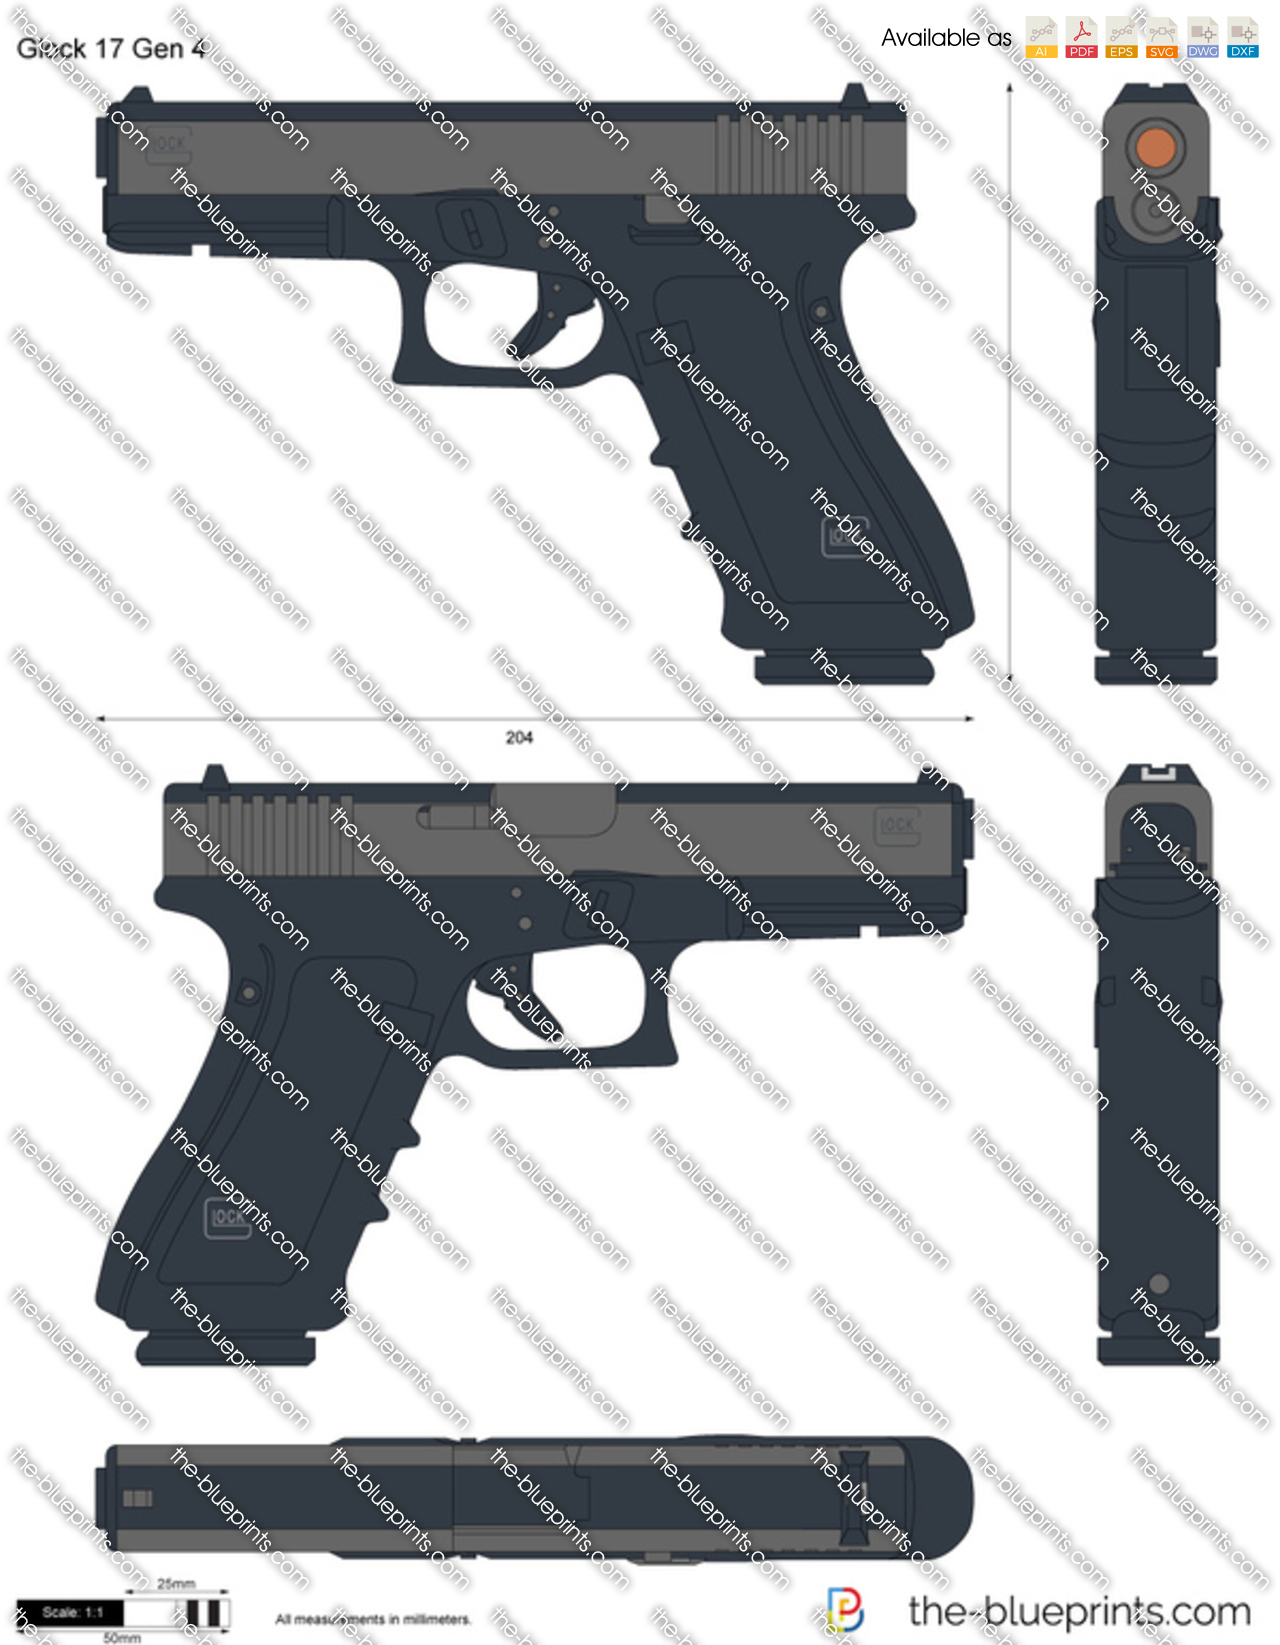 Glock 17 Gen 4